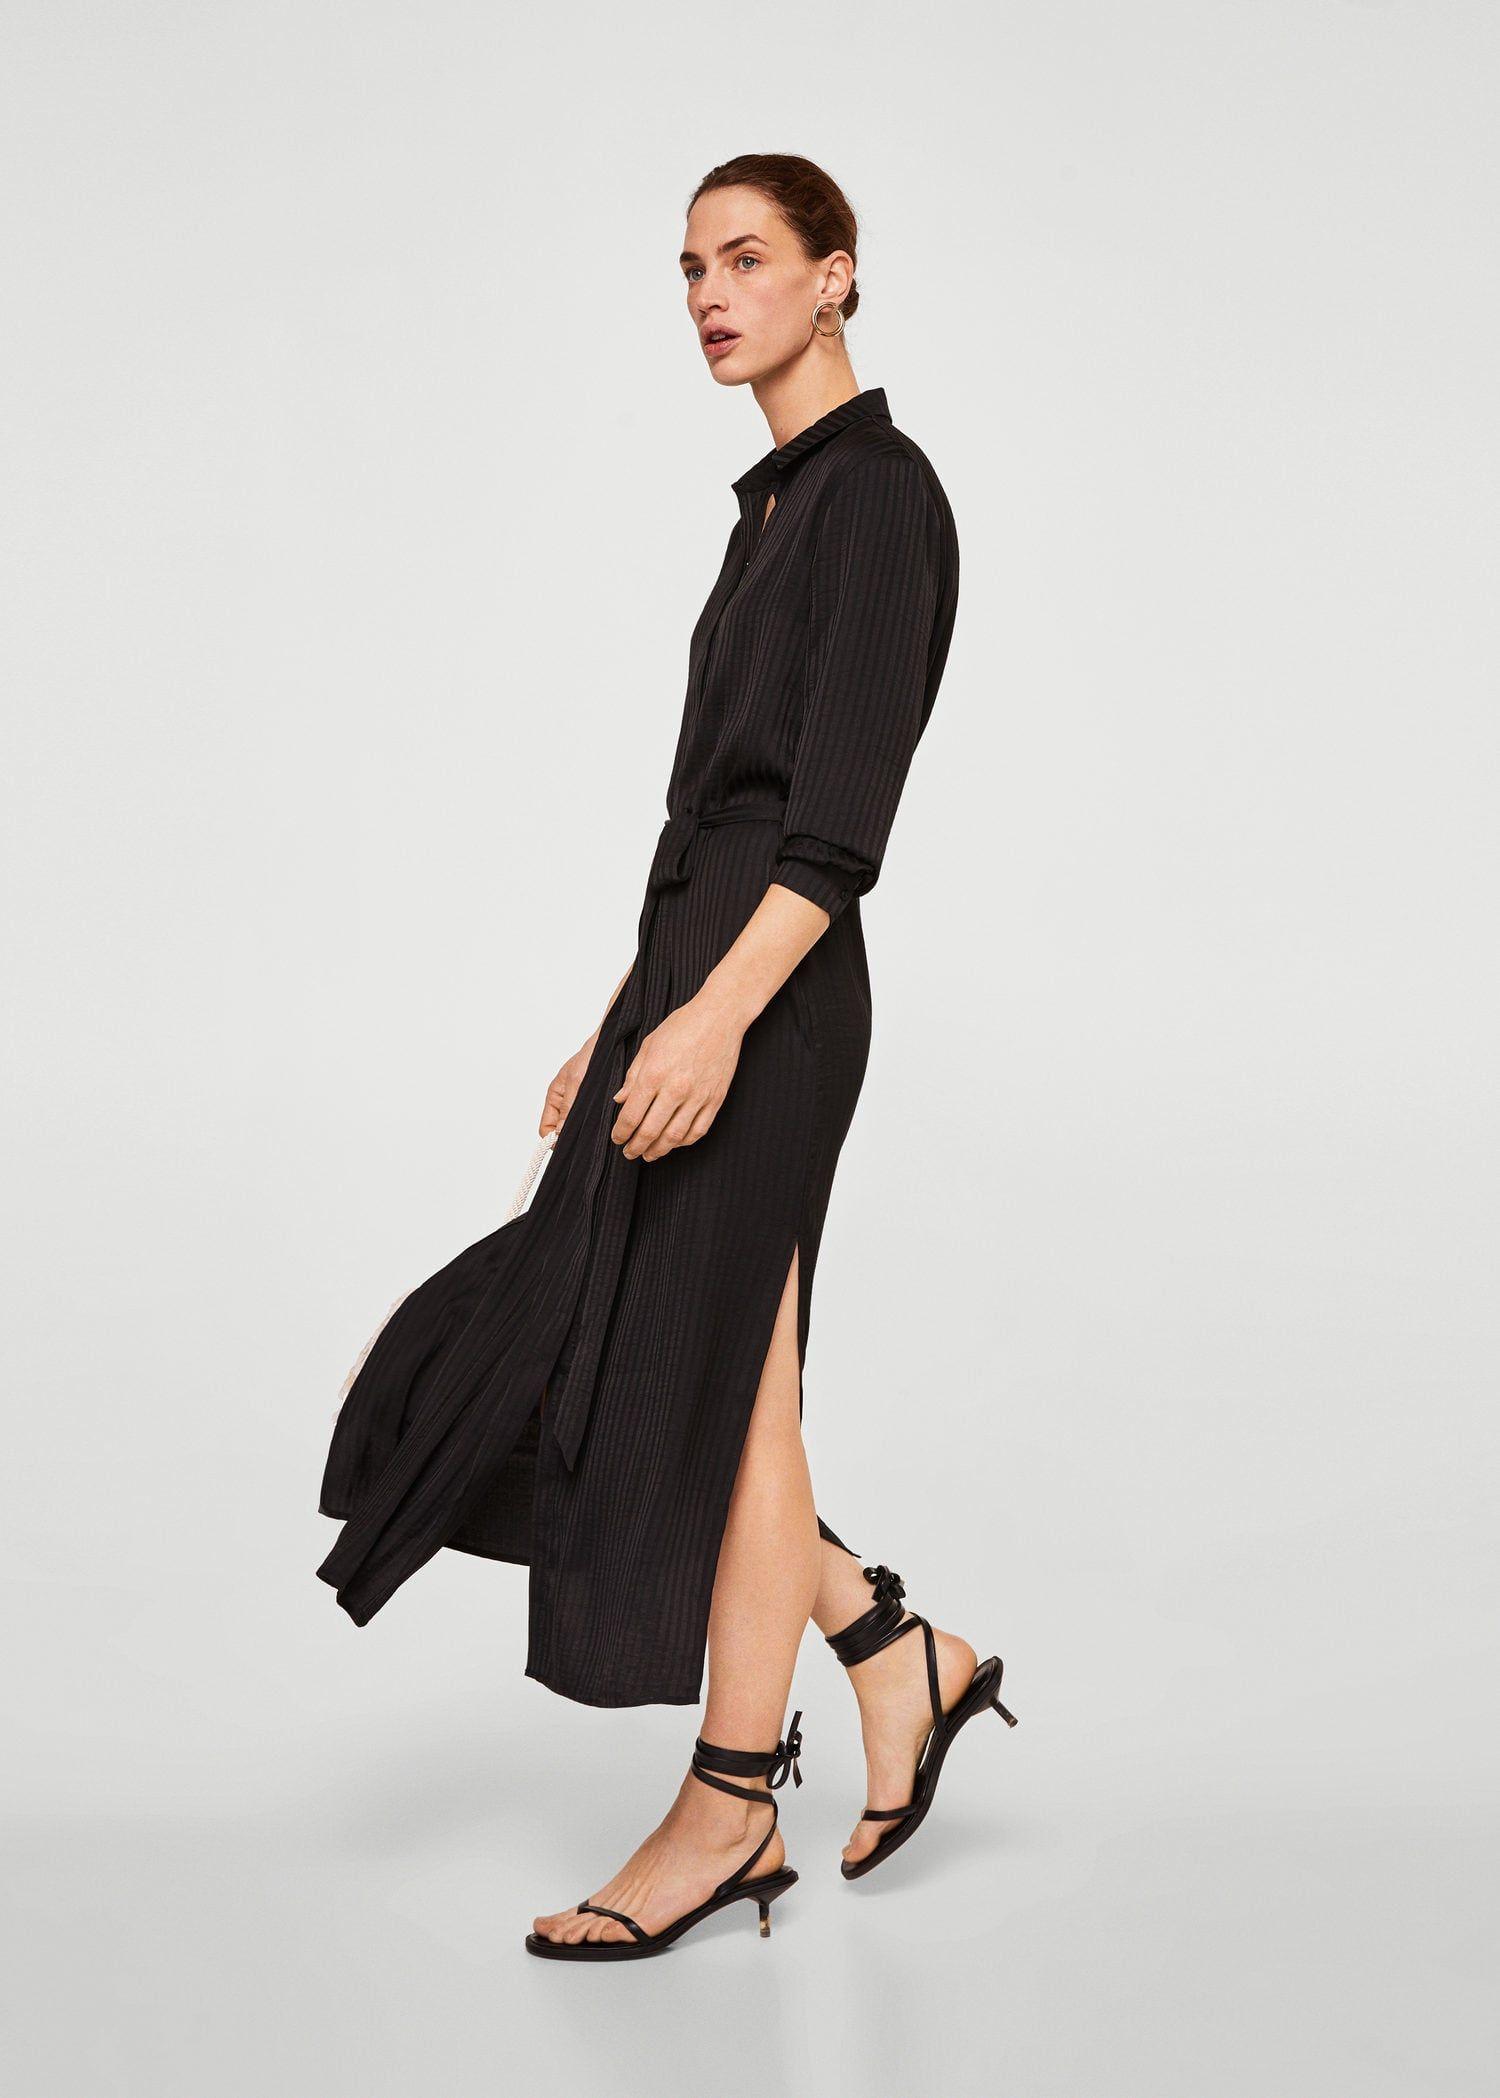 Košilové šaty s texturou - Žena  99c16ee8b8f